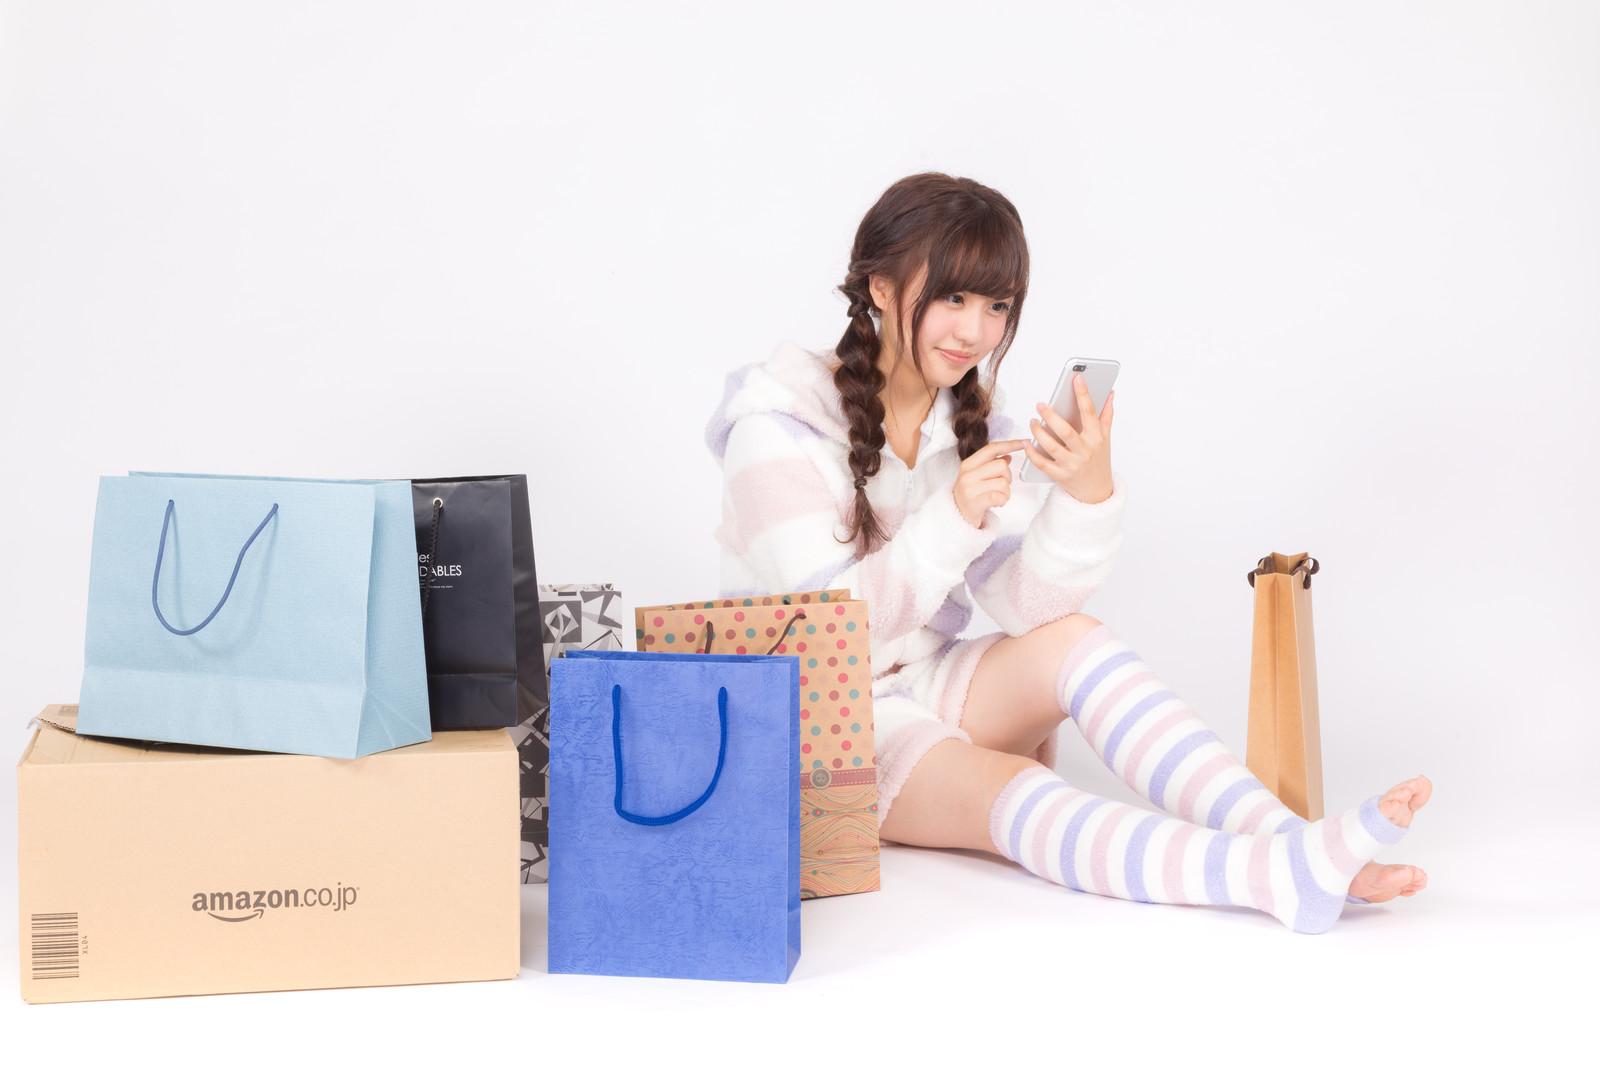 オンラインショッピングをしている女性